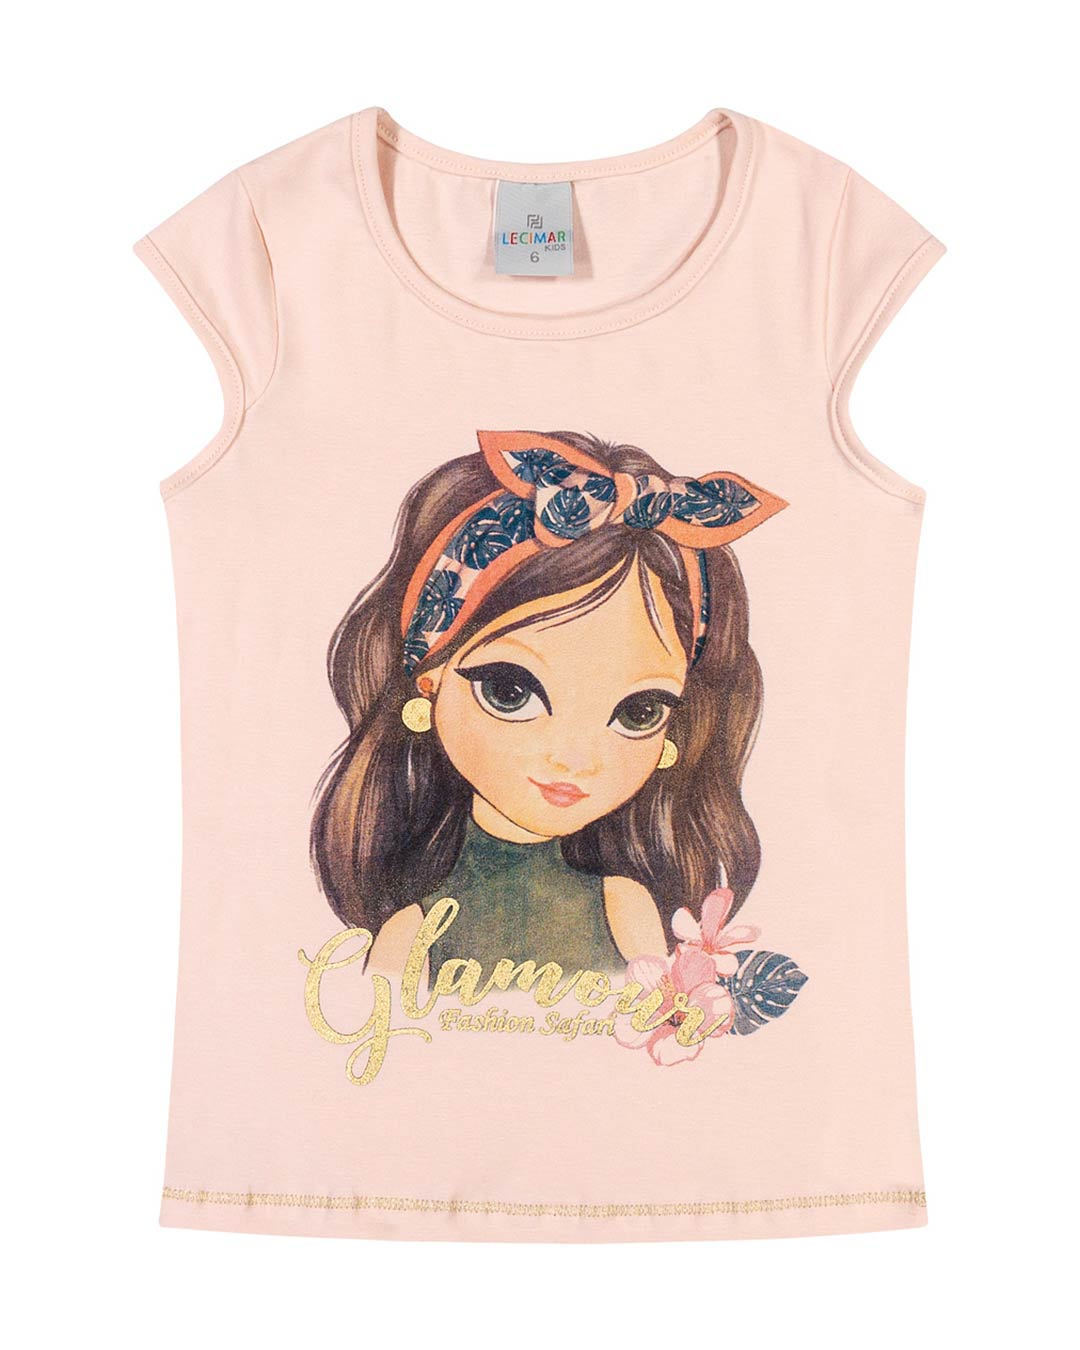 Blusa Infantil Menina Glamour - Lecimar